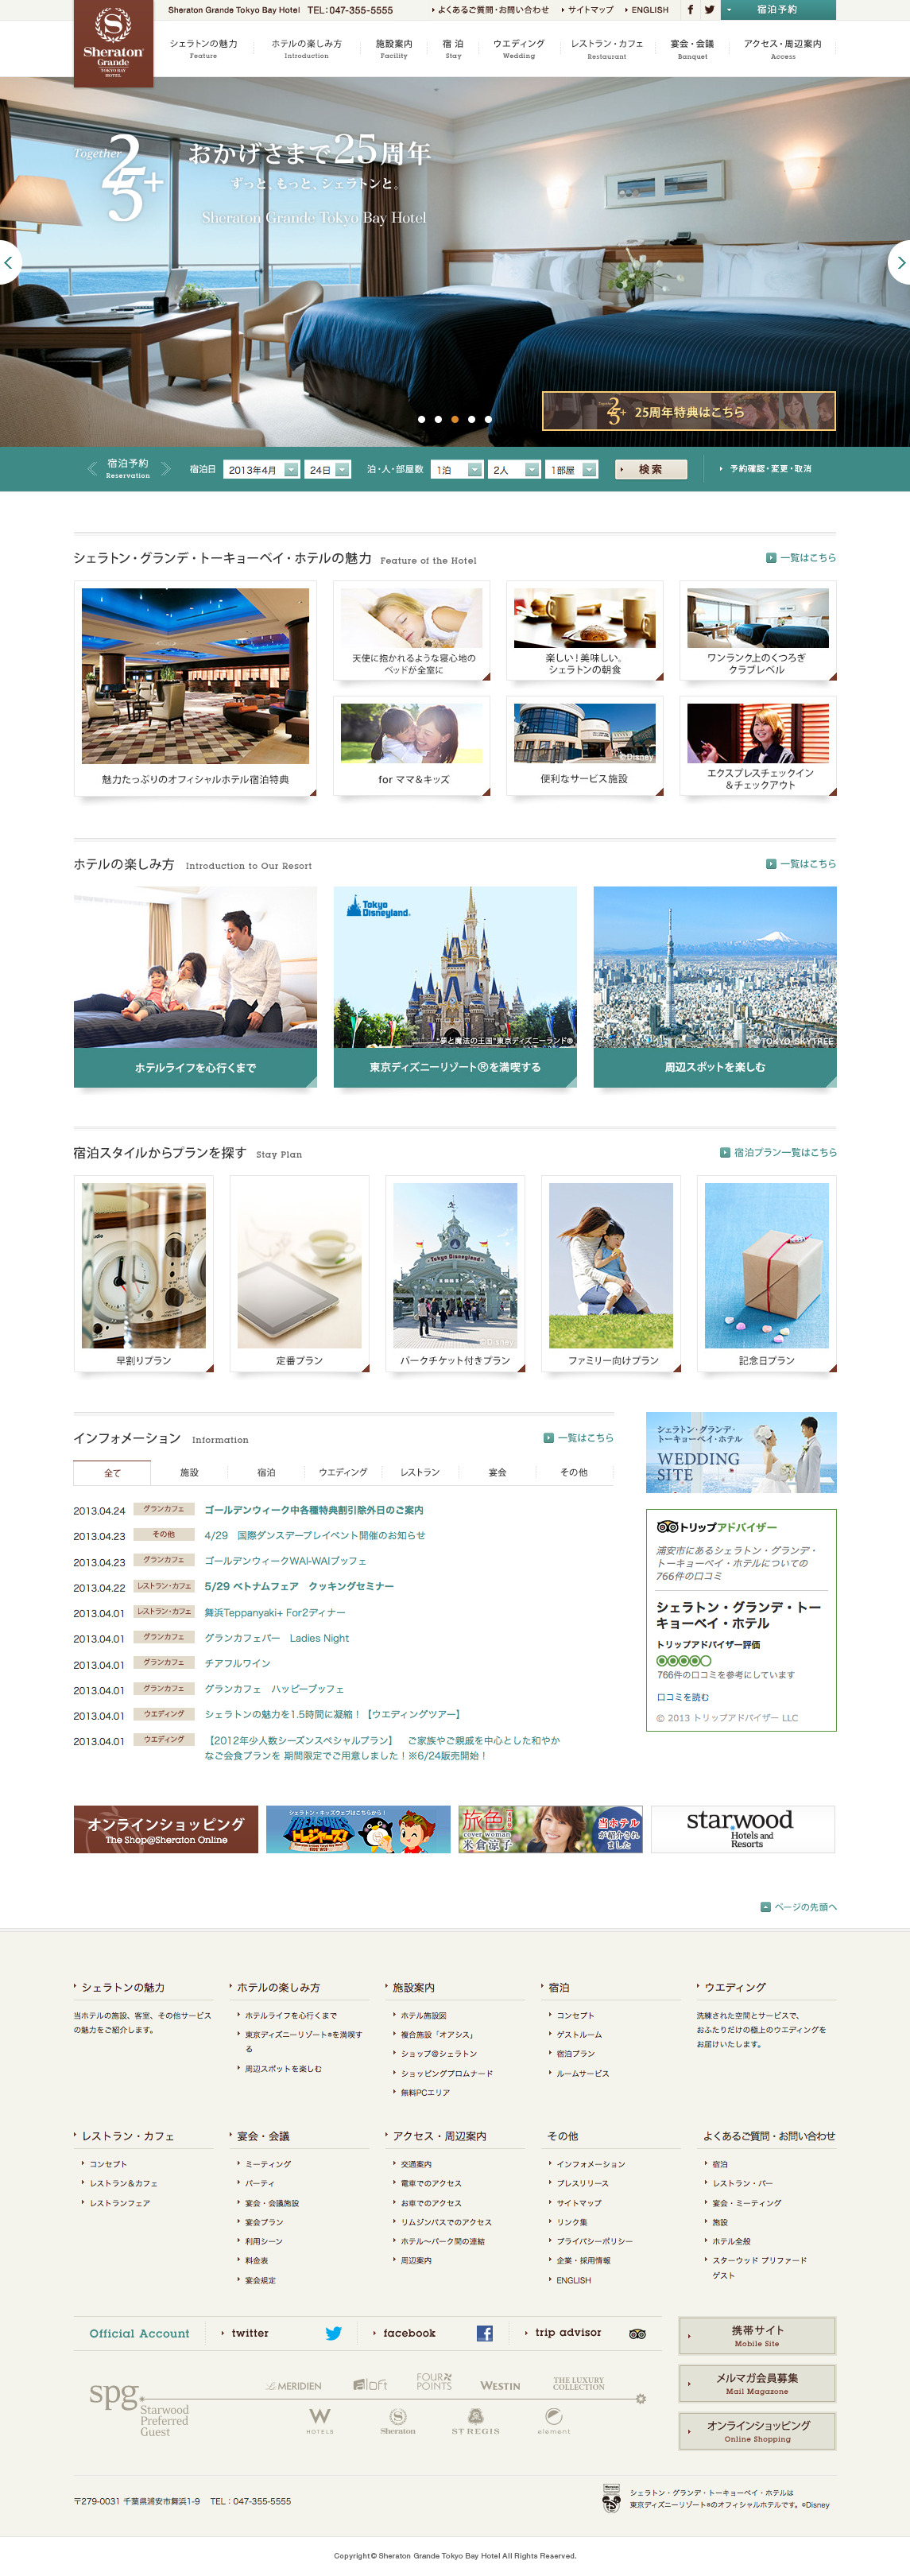 舞浜シェラトン・グランデ・トーキョーベイ・ホテル 東京ディズニーリゾートオフィシャルホテル